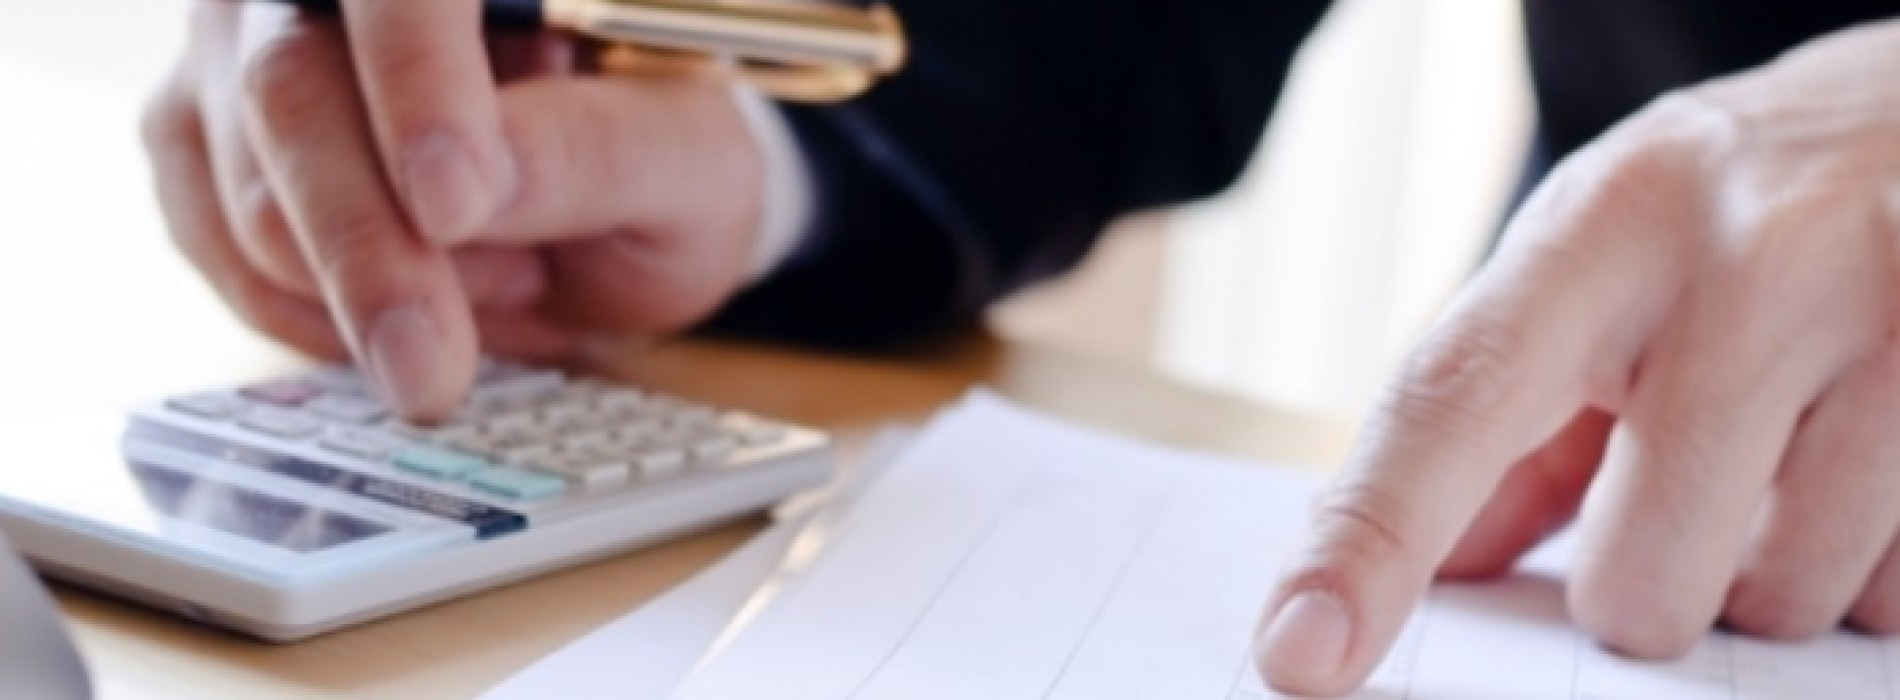 Nadpłata podatkowa w praktyce